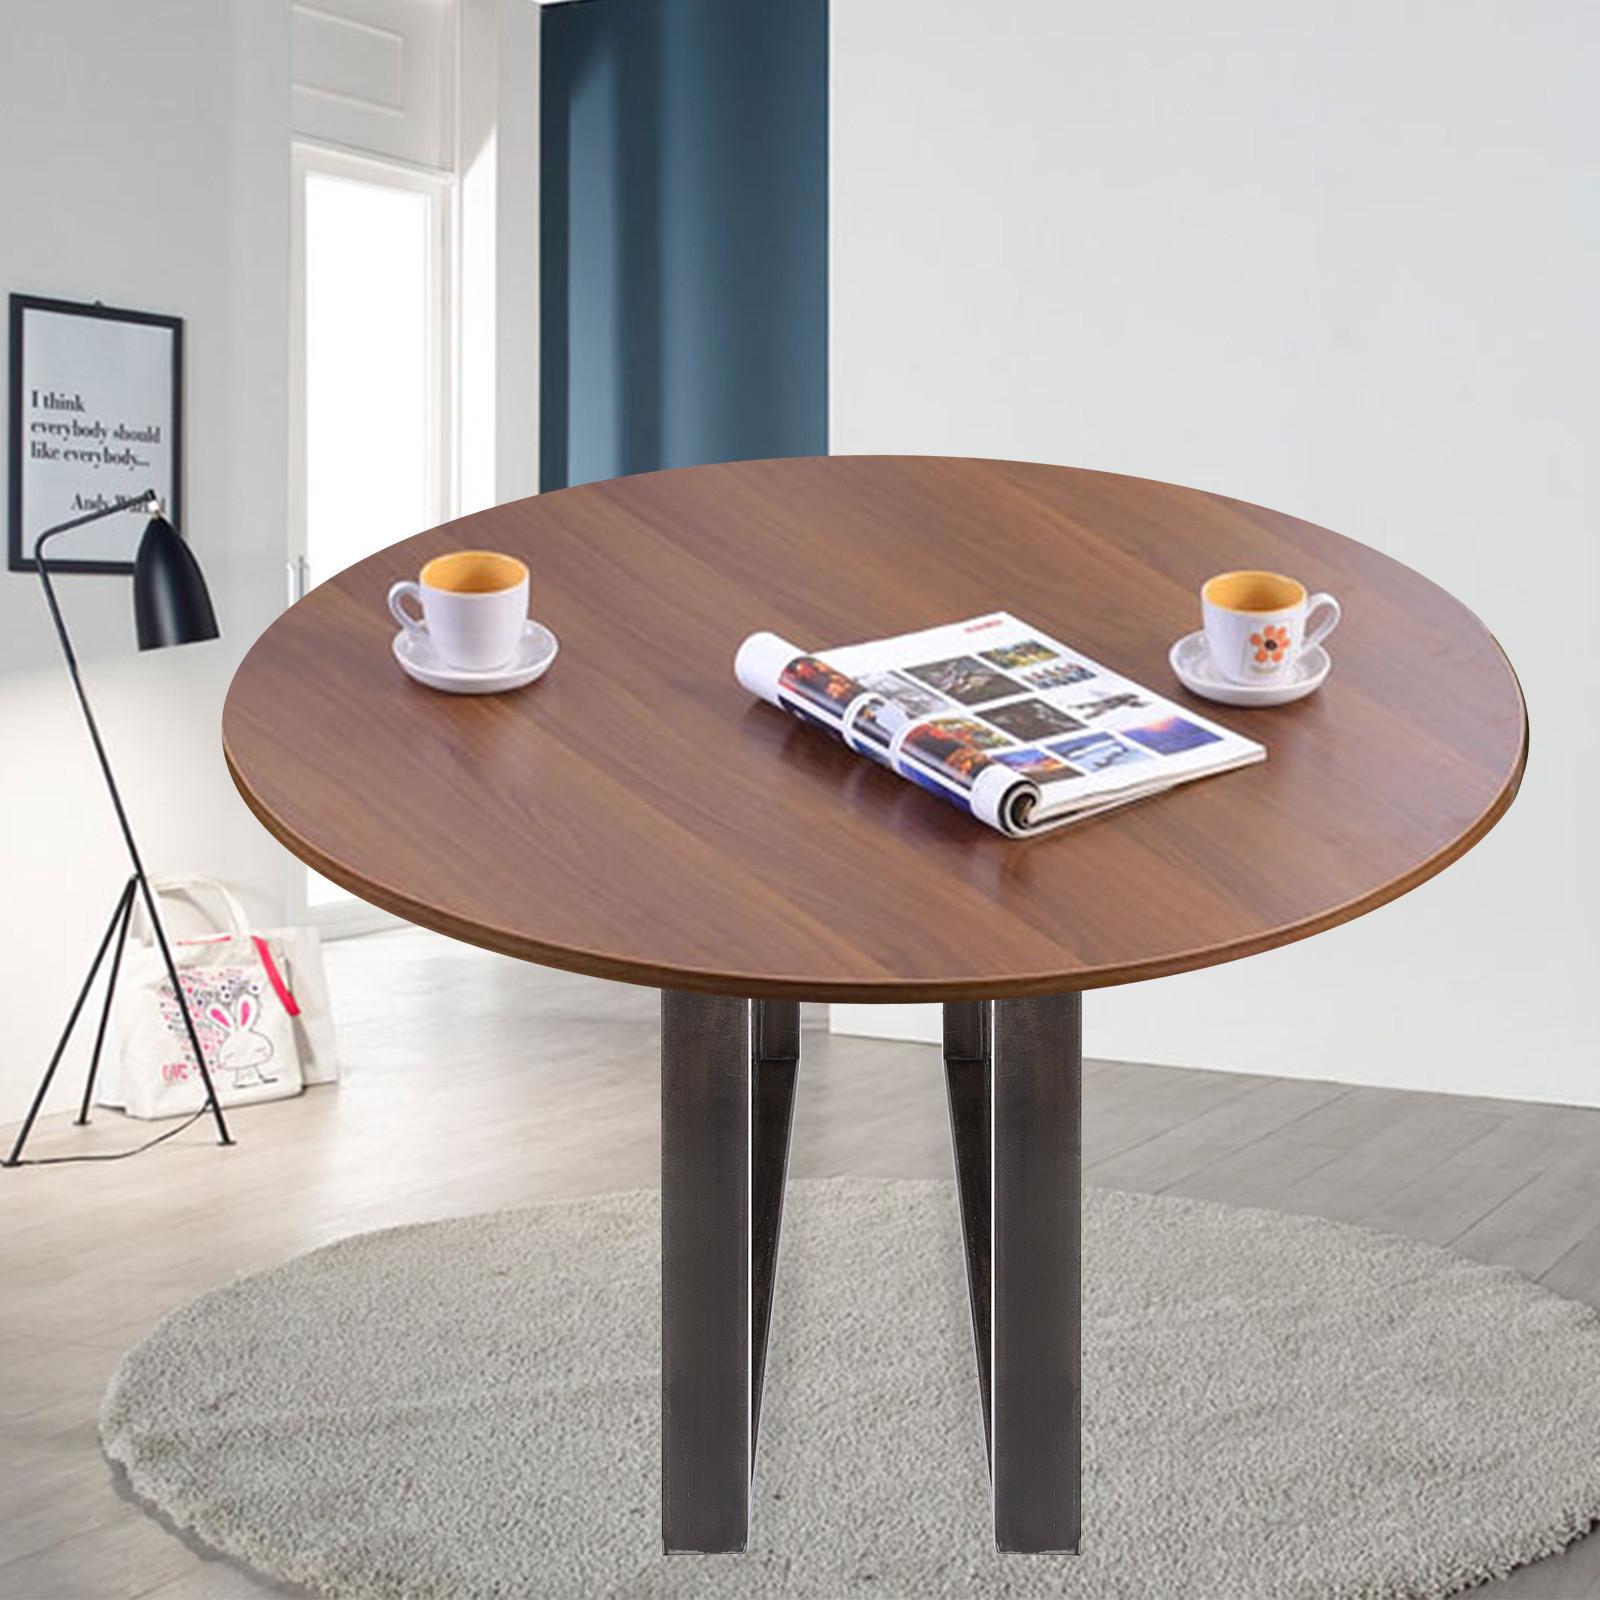 2x-Gambe-per-tavolo-piedi-tavolo-72X-100-CM-Salotto-Cucina-stile-industriale miniatura 11